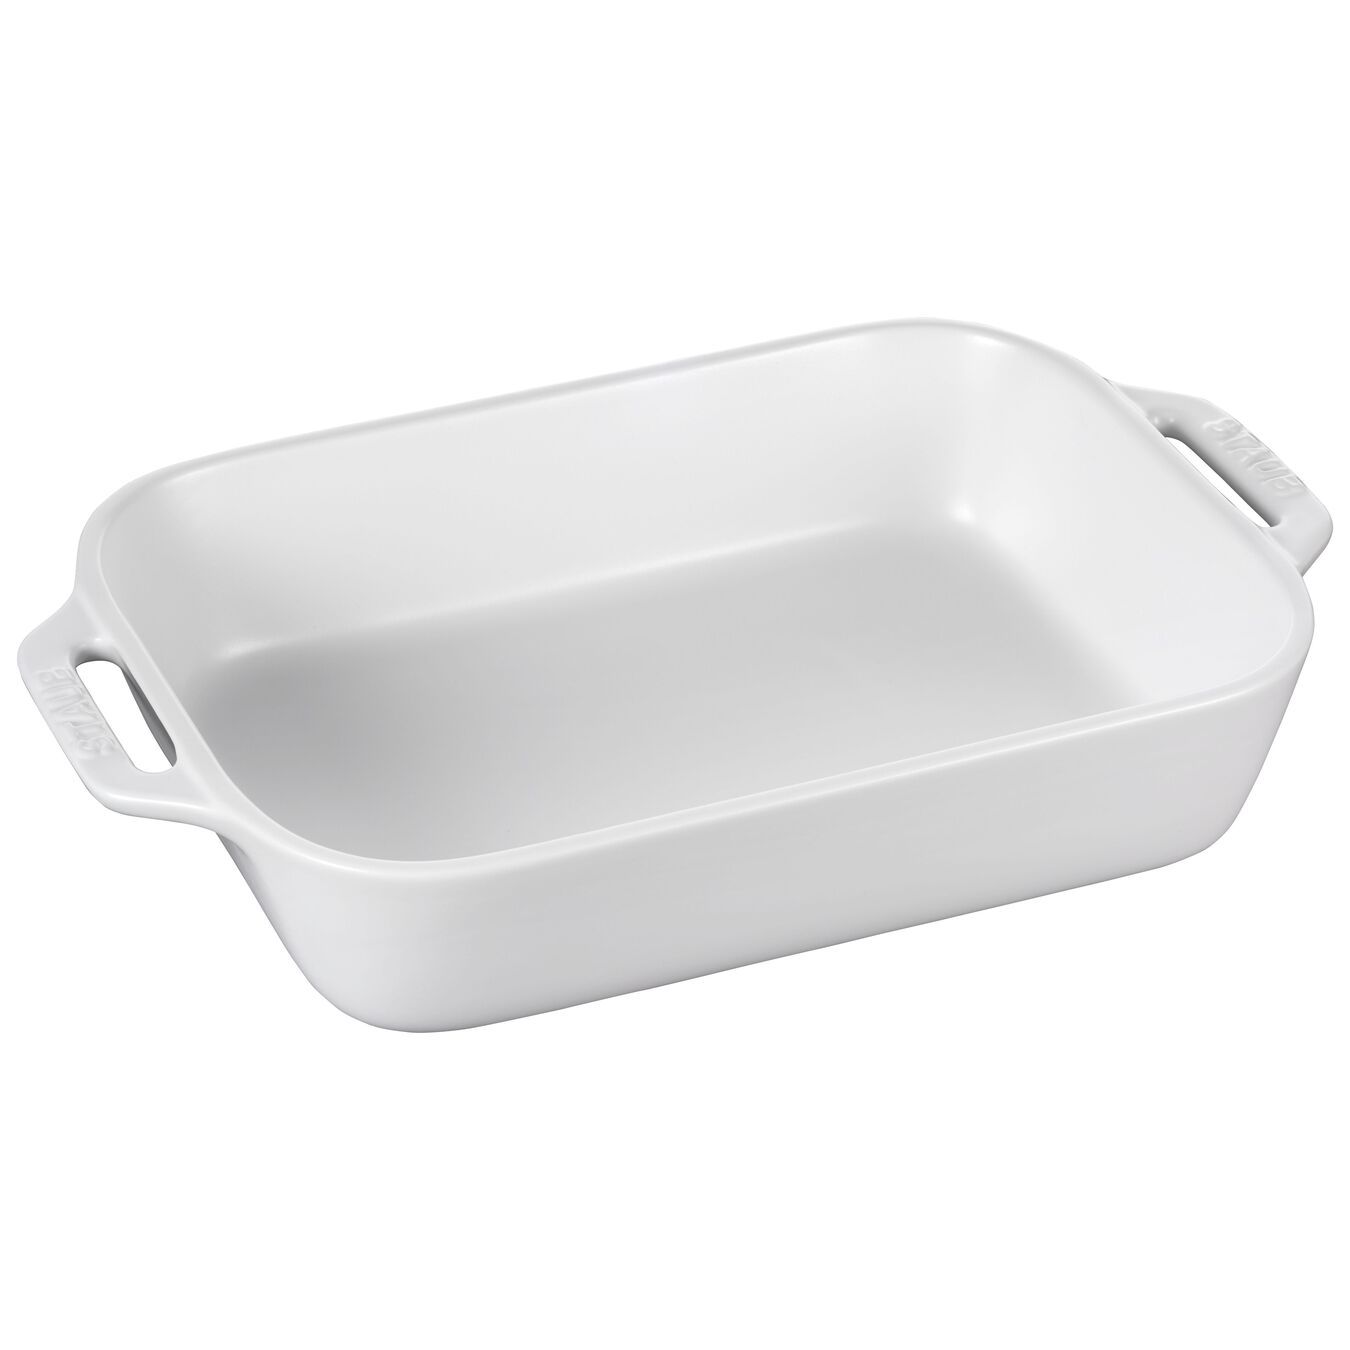 2-pc Rectangular Baking Dish Set - Matte White,,large 5